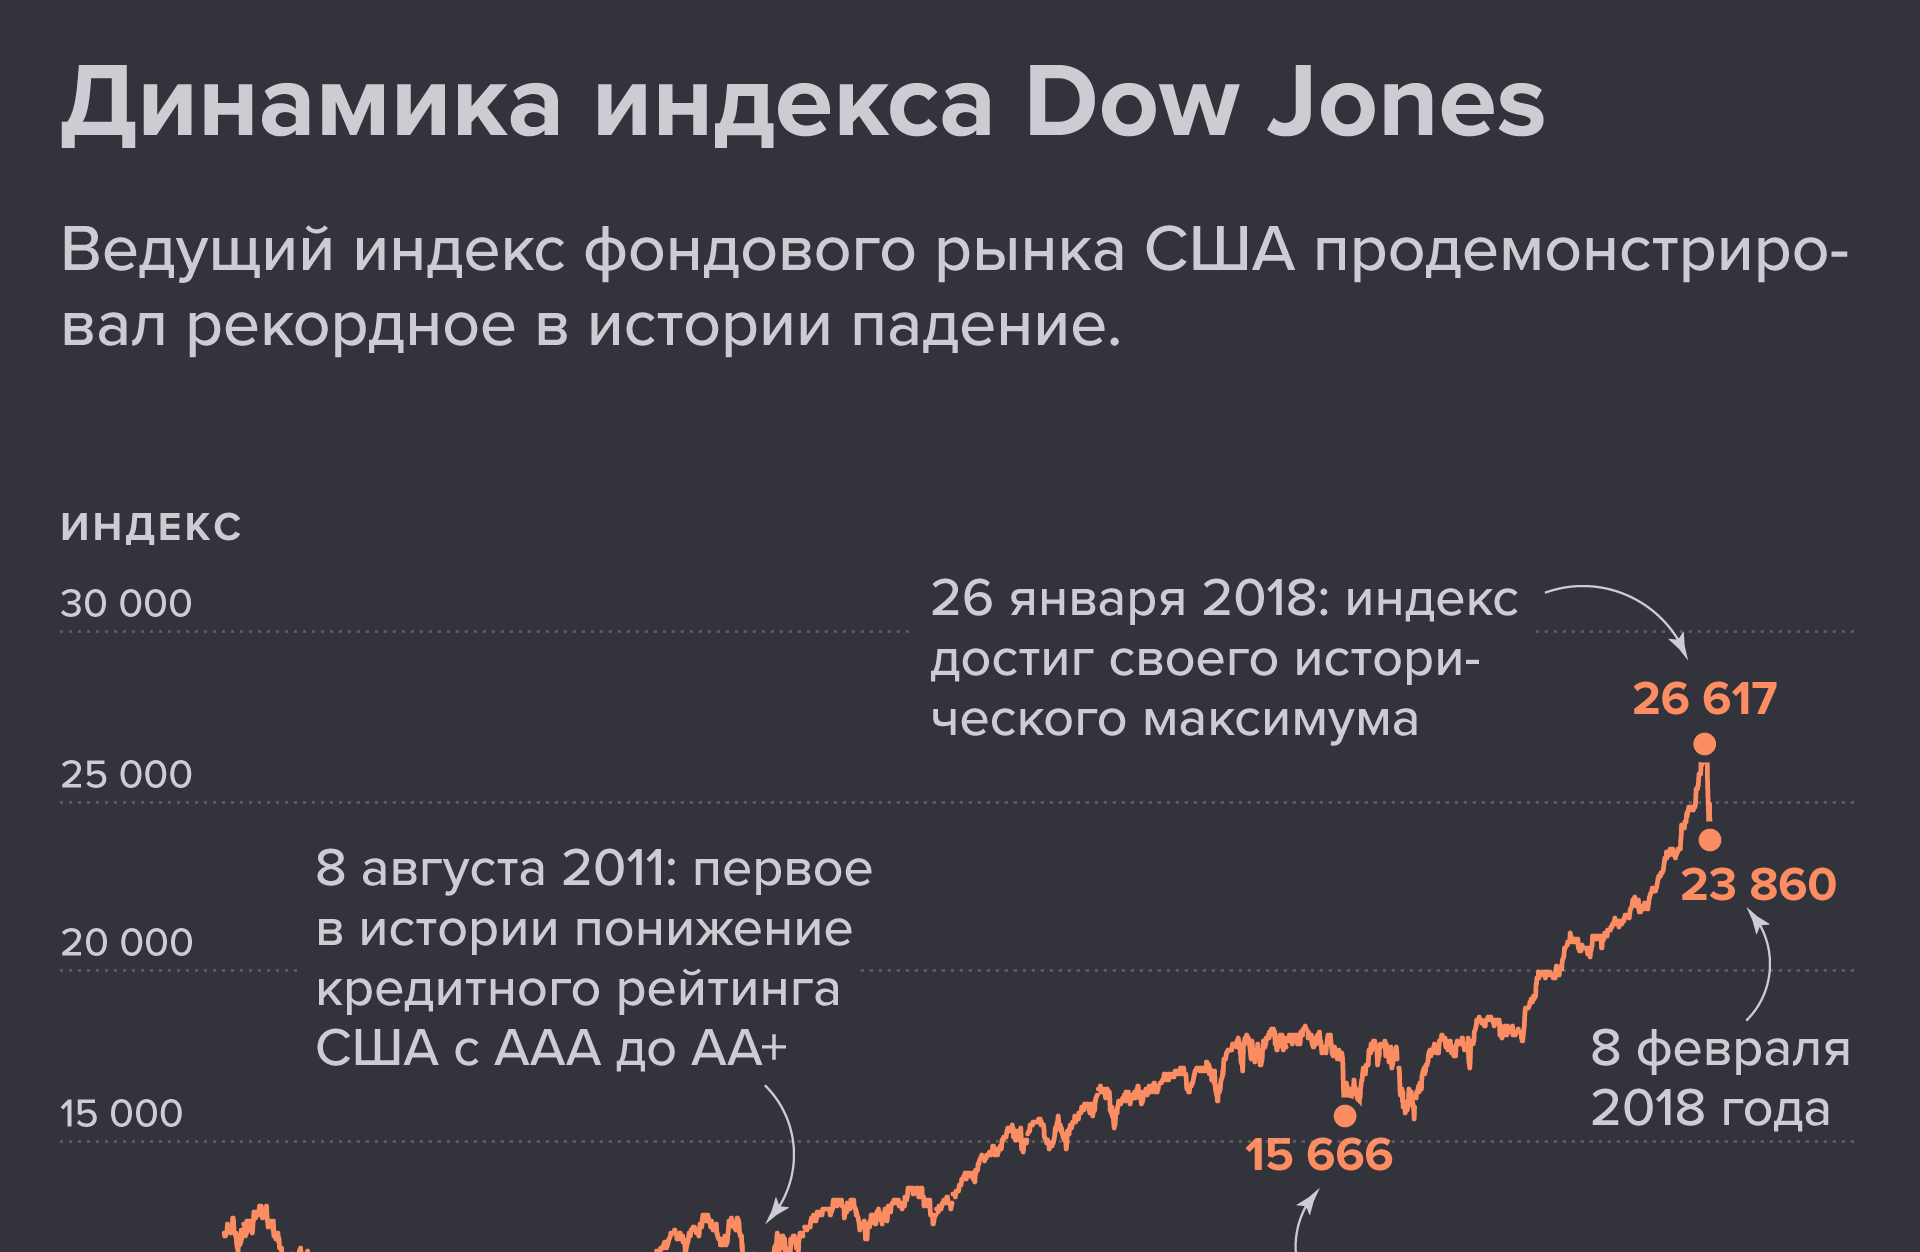 Динамика индекса Dow Jones